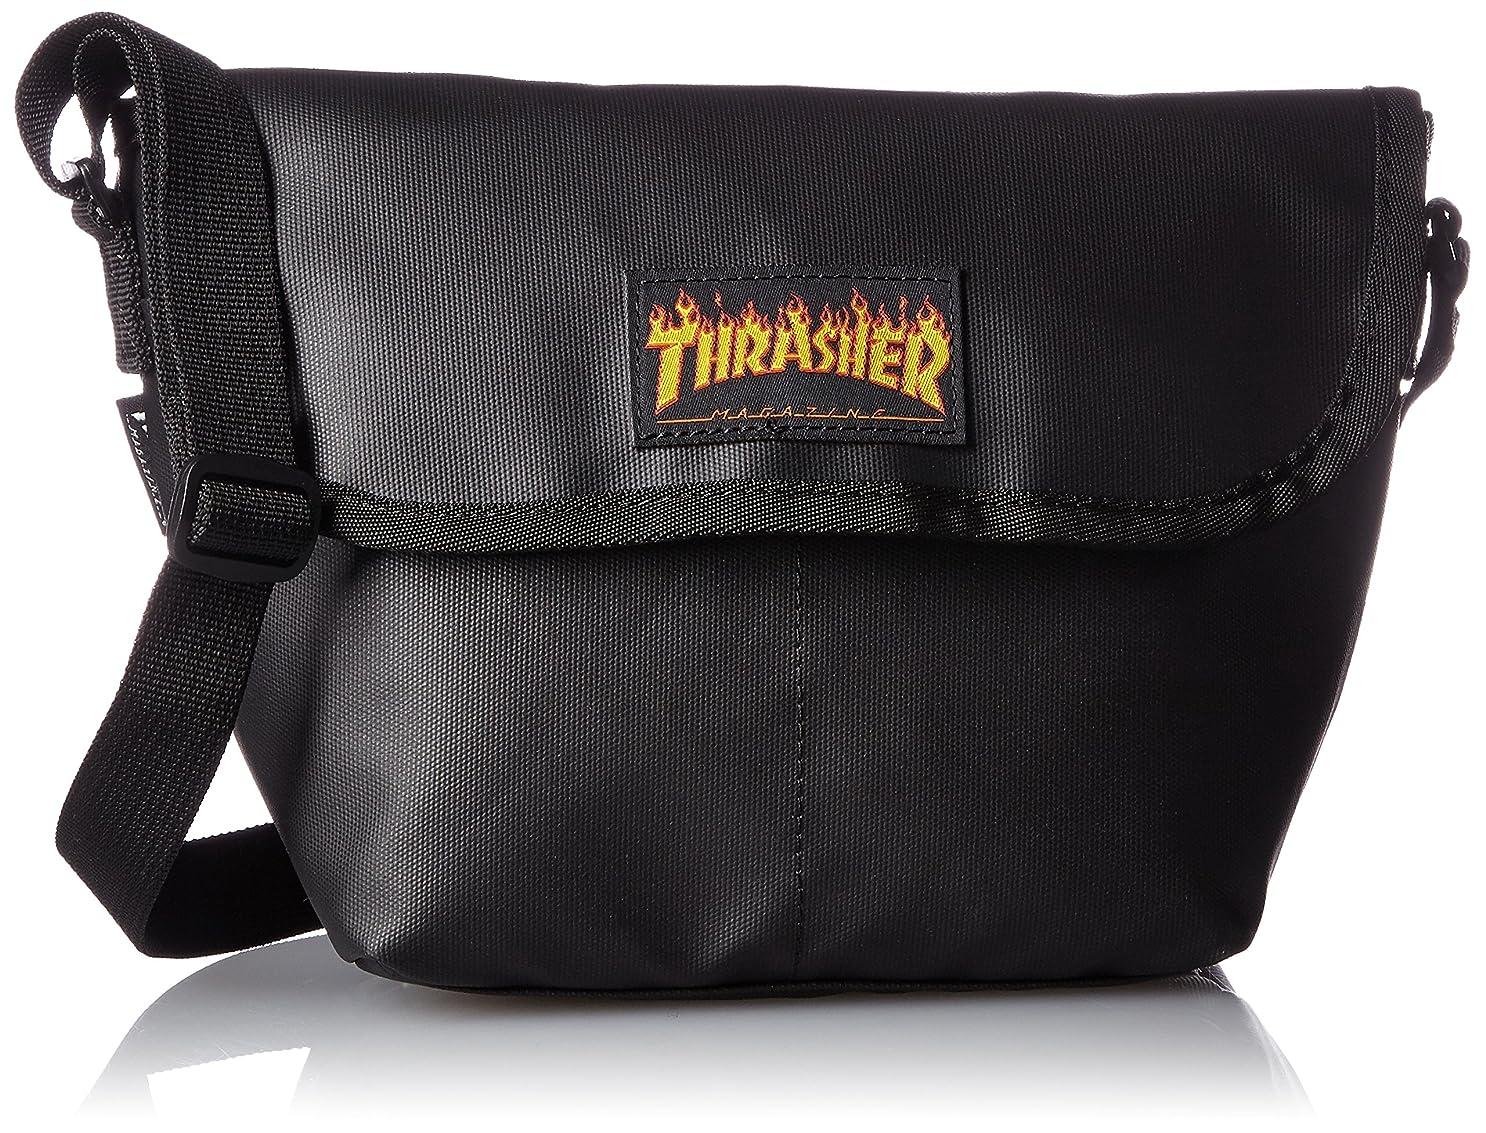 前置詞航海の社会科[スラッシャー] THRASHER(スラッシャー) カブセ型小型ショルダーバッグ